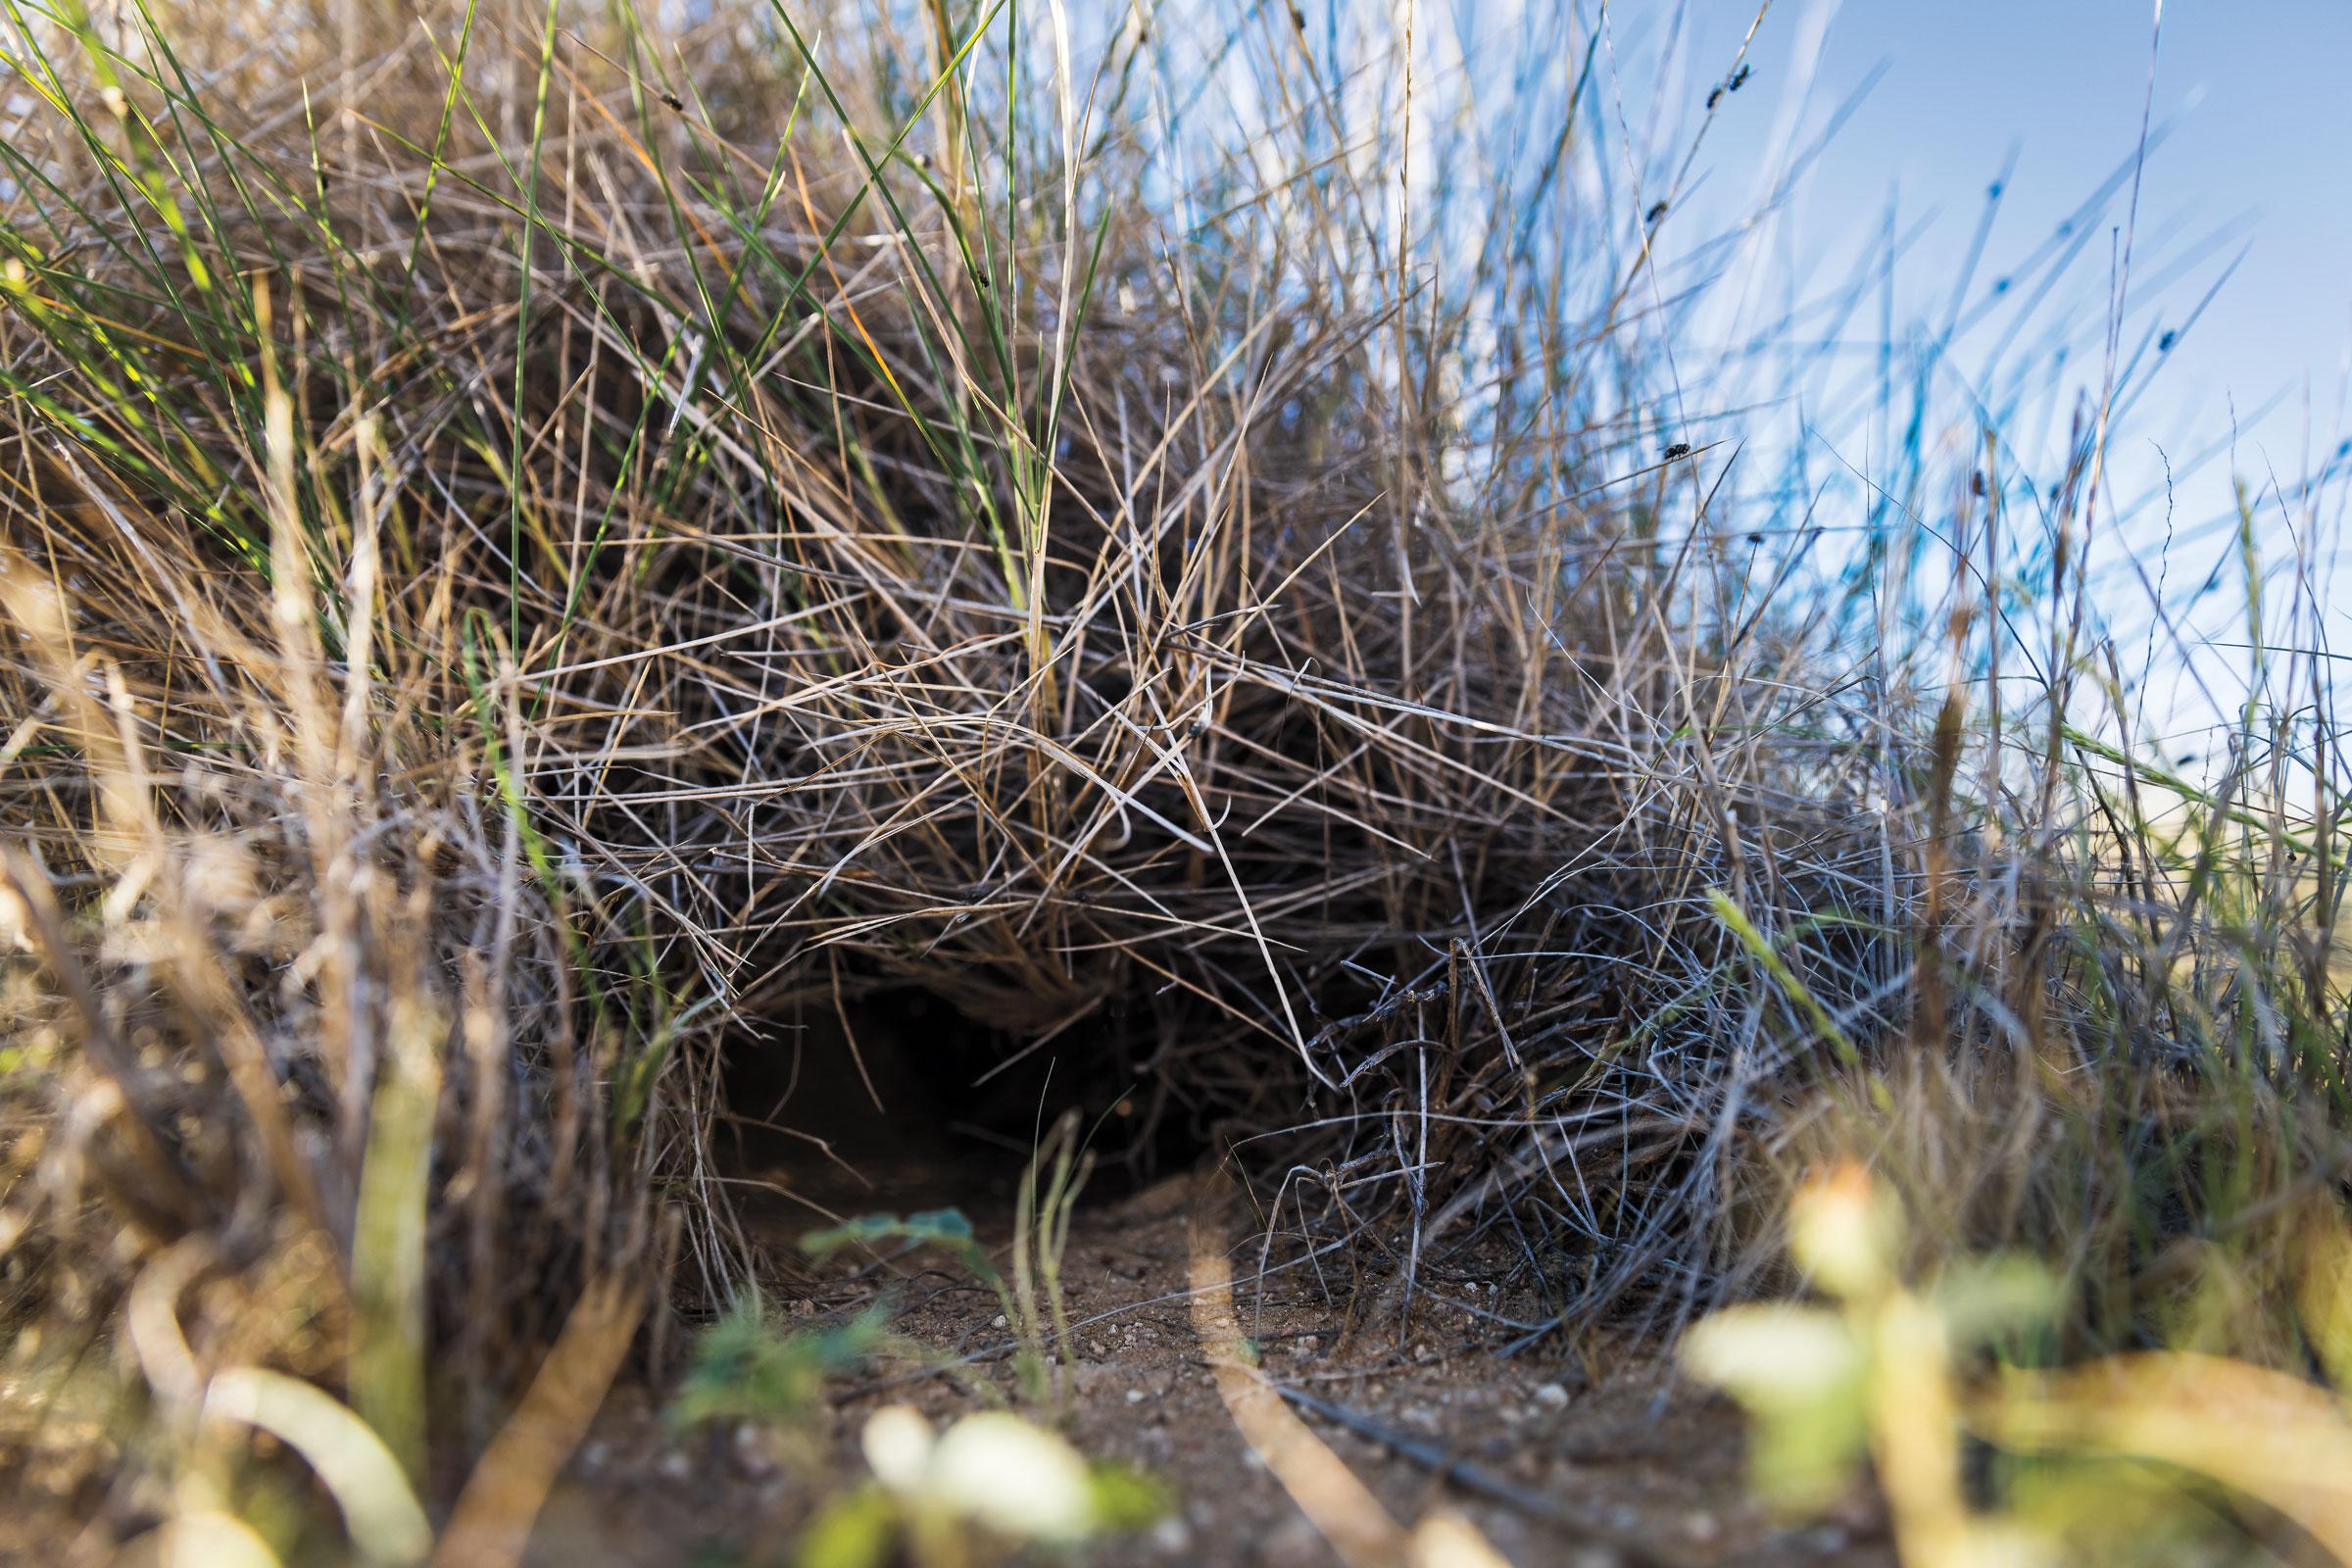 Los Pericos Nocturnos estaban cerca de un antiguo nido en Pullen Pullen a comienzos de este año.